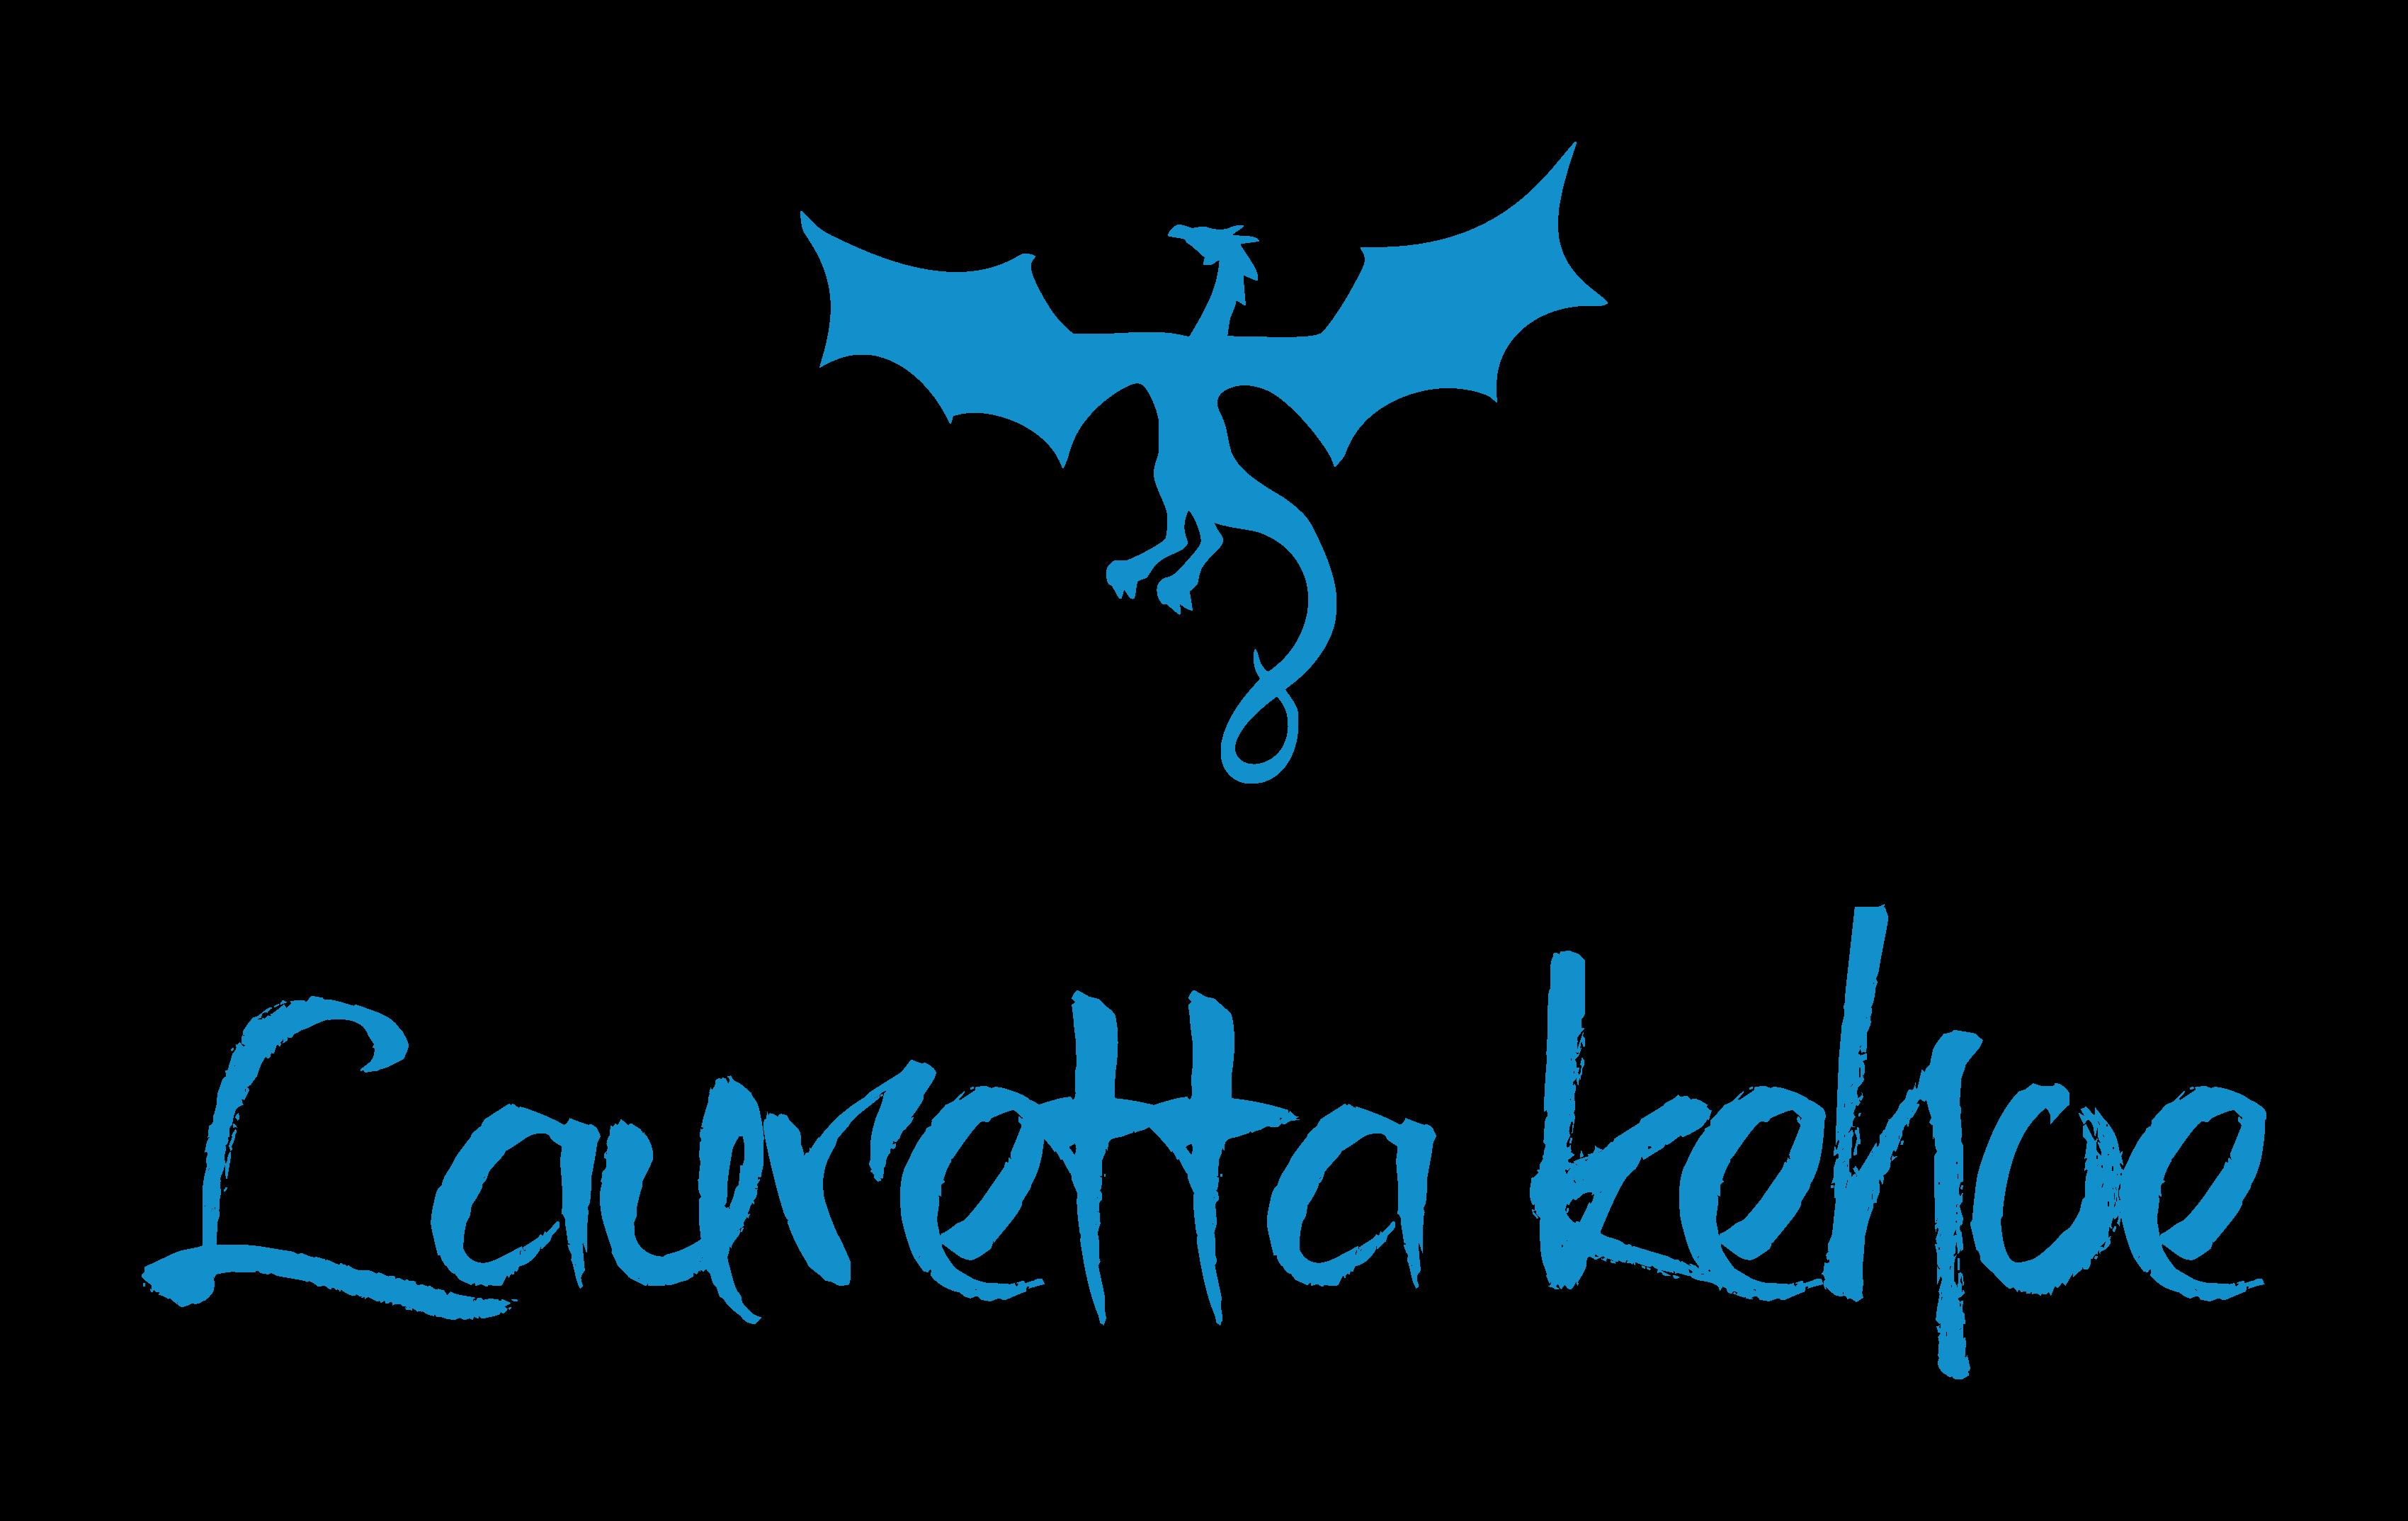 Lauretta L. Kehoe